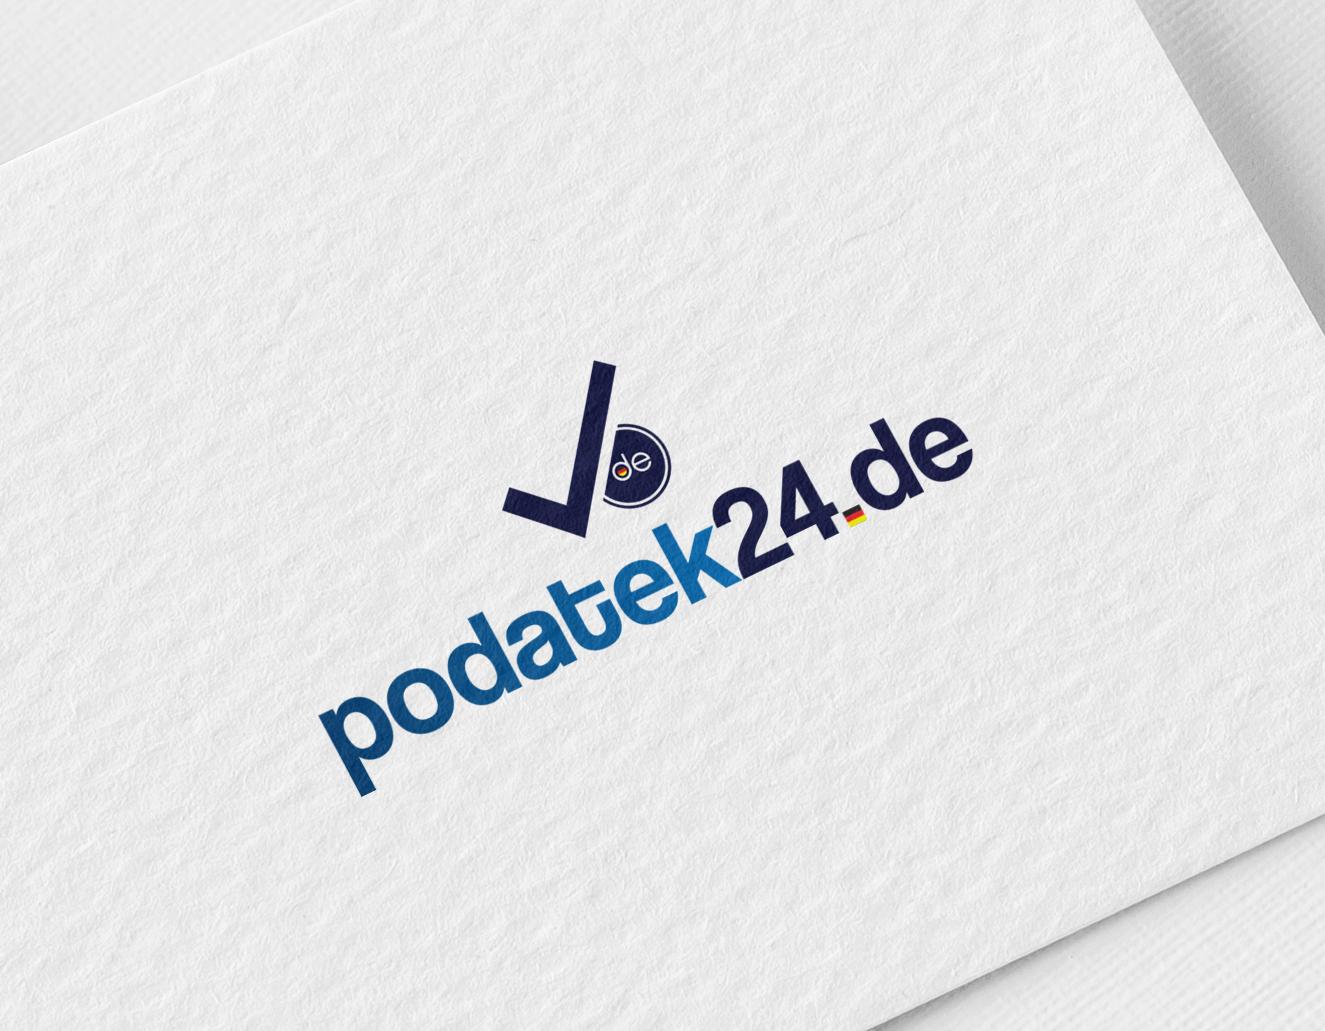 podatek24.de logo